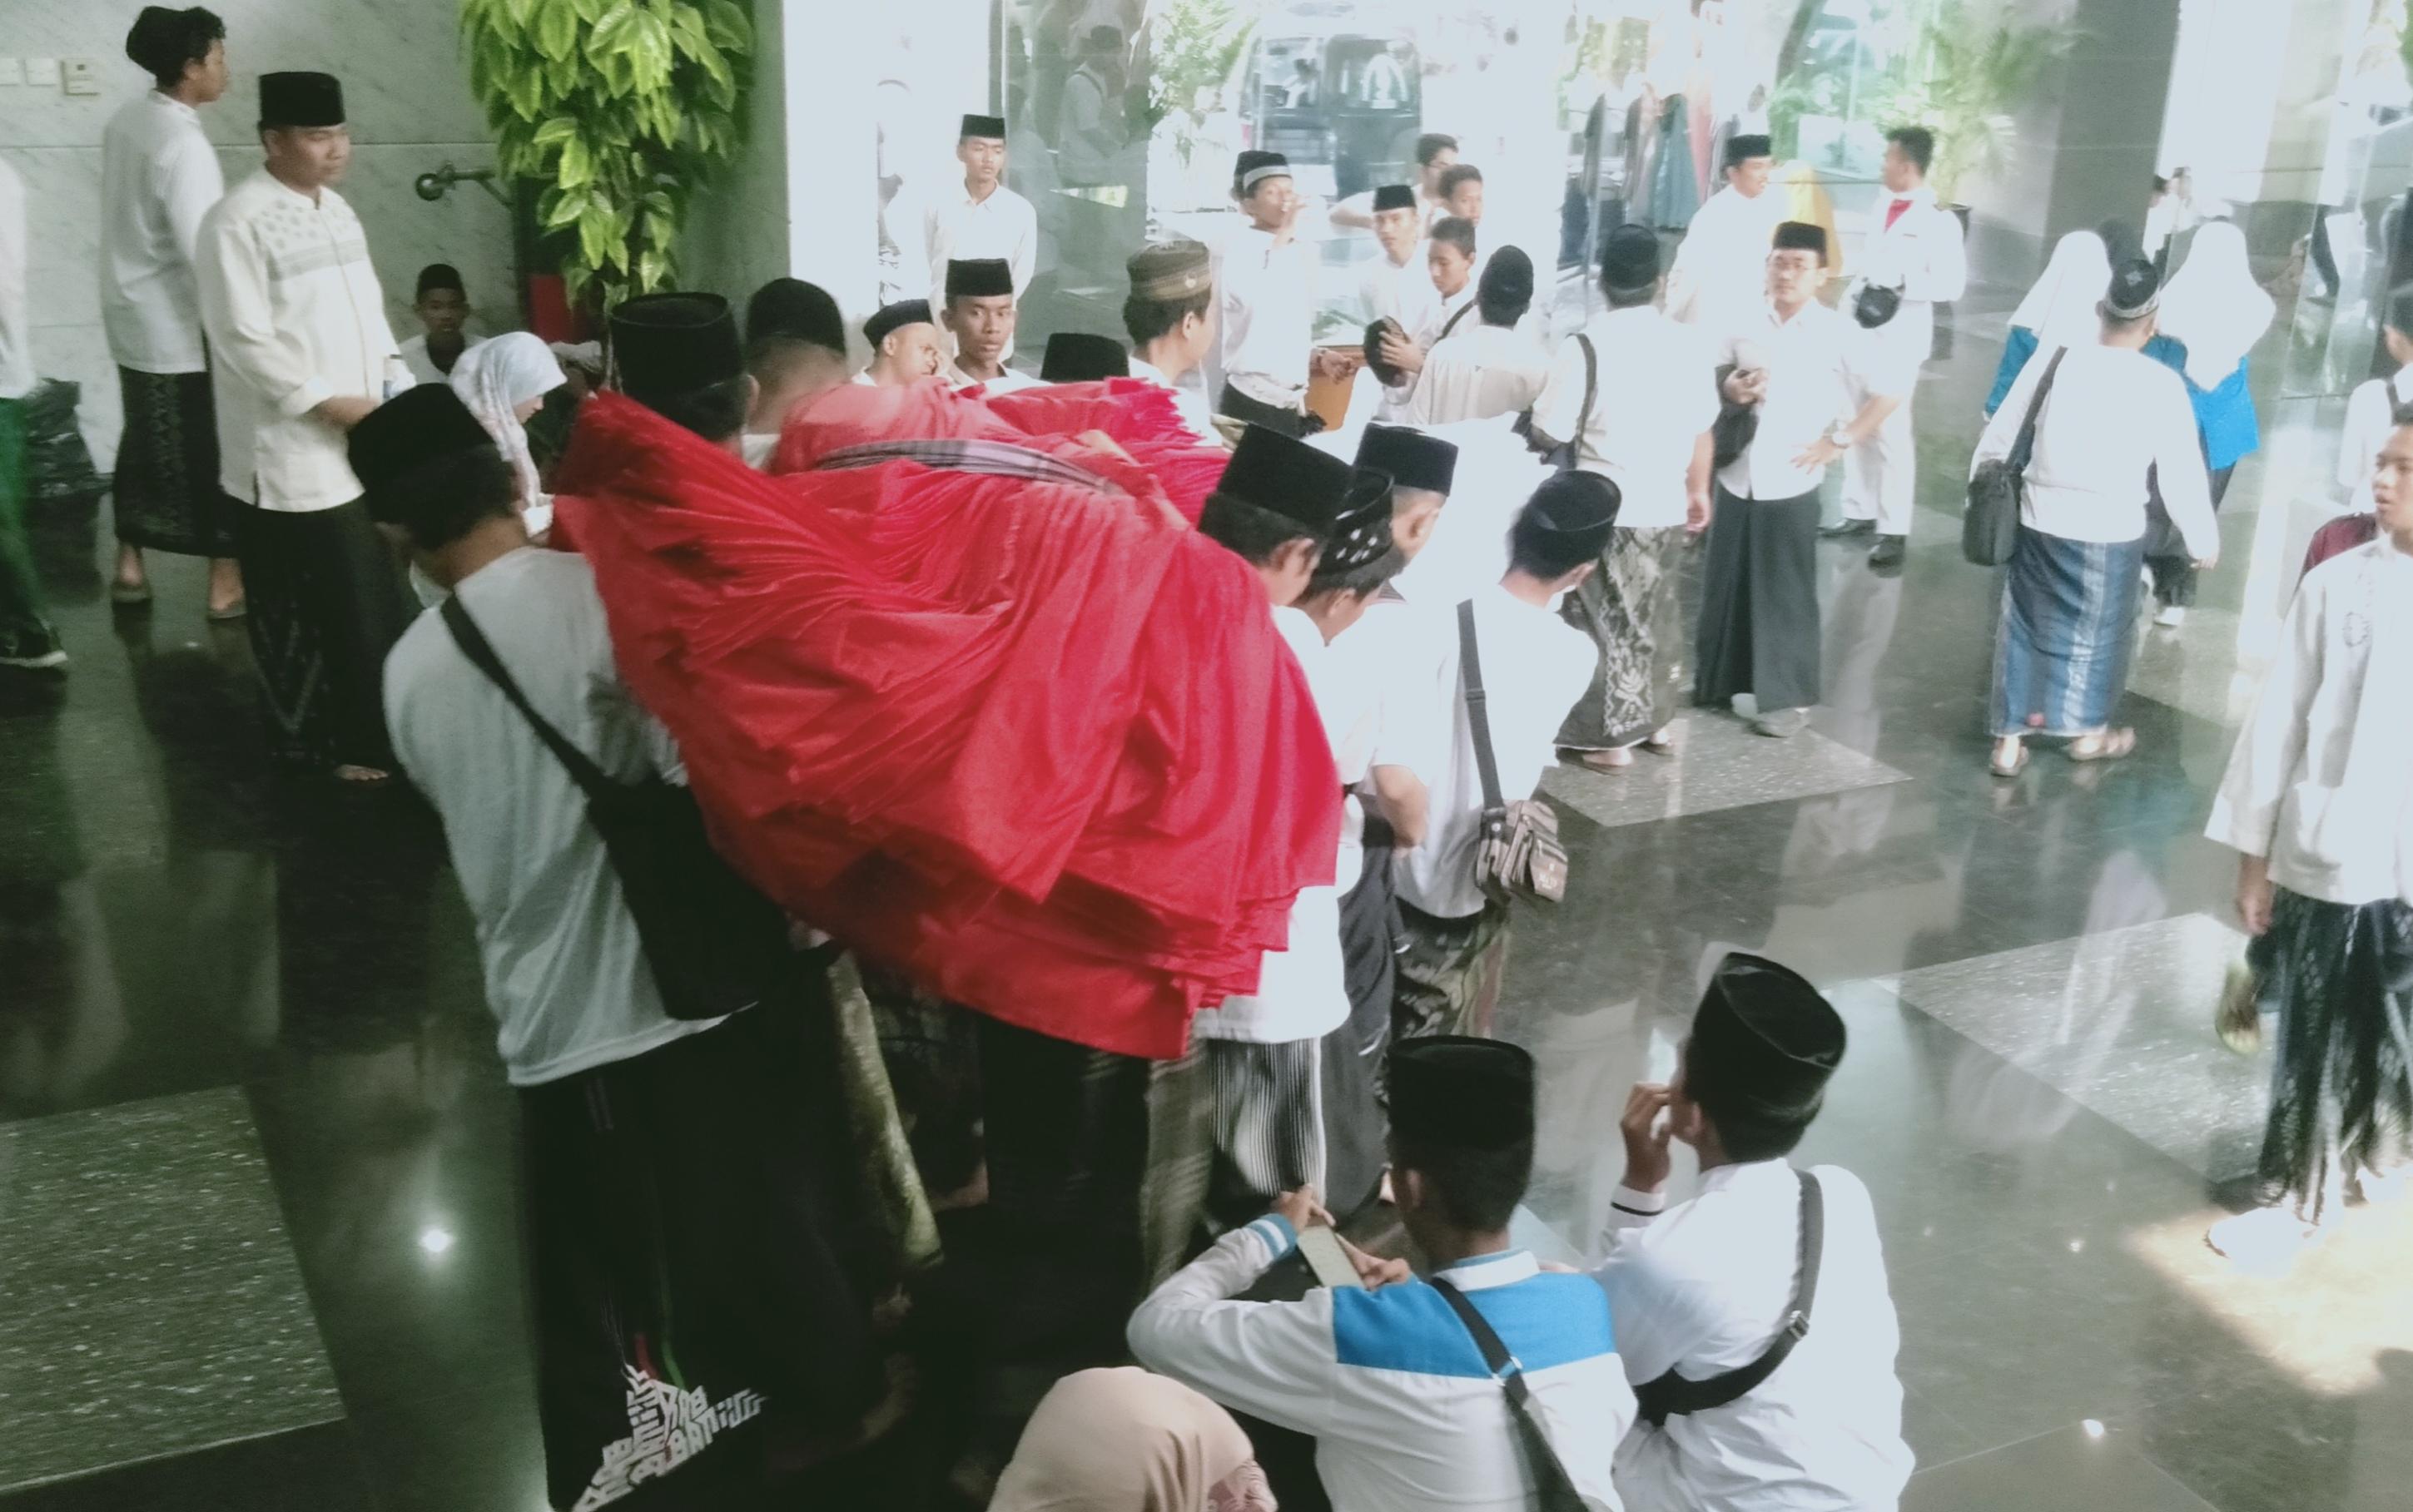 Para Santri Membopong Gulungam Bendera Merah Putih Saat Acara Parade Hari Santri 2019 di Arena CFD Thamrin Jakarta Pusat. (Foto: Romadhon/NUSANTARANEWS.CO)